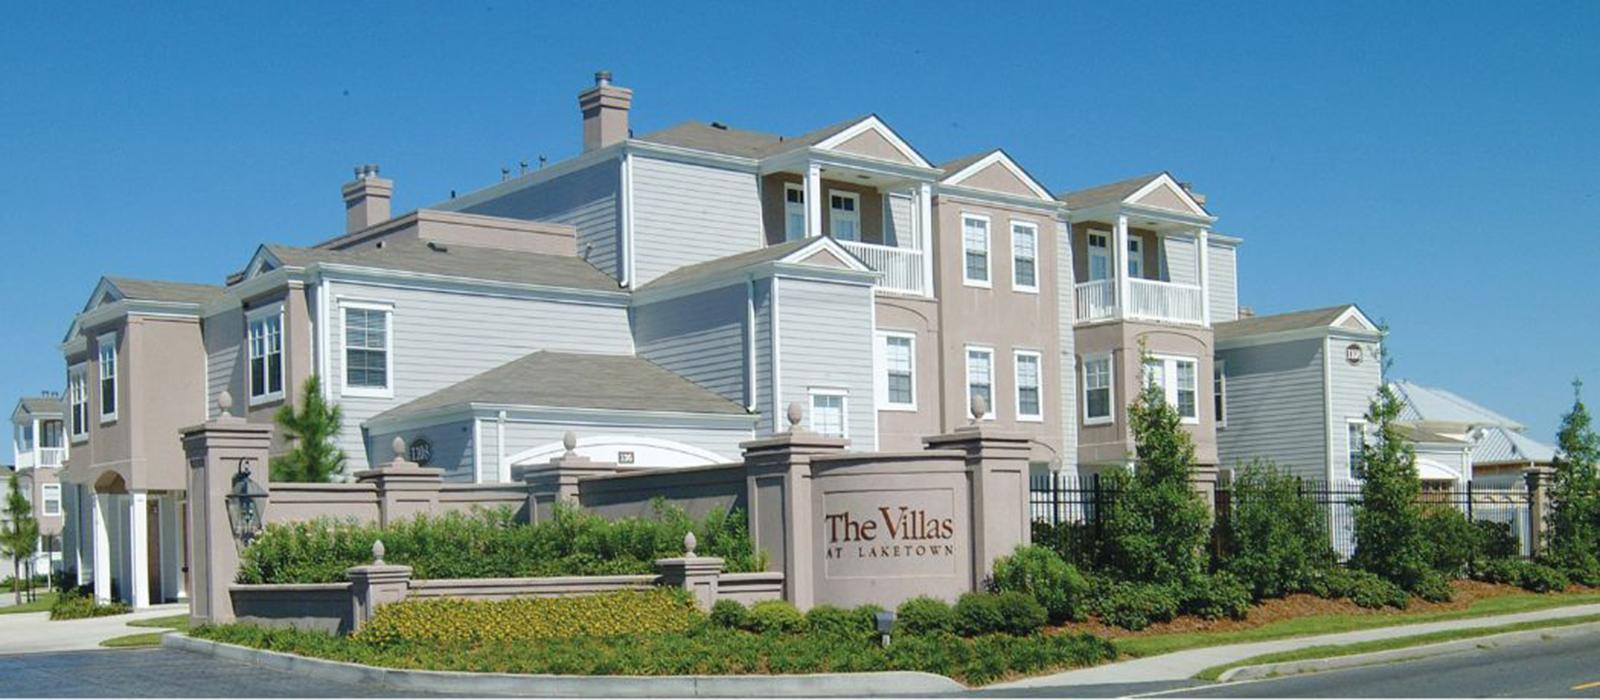 Villas at Laketown reviews | Apartments at 1106 Joe Yenni Blvd - Kenner LA